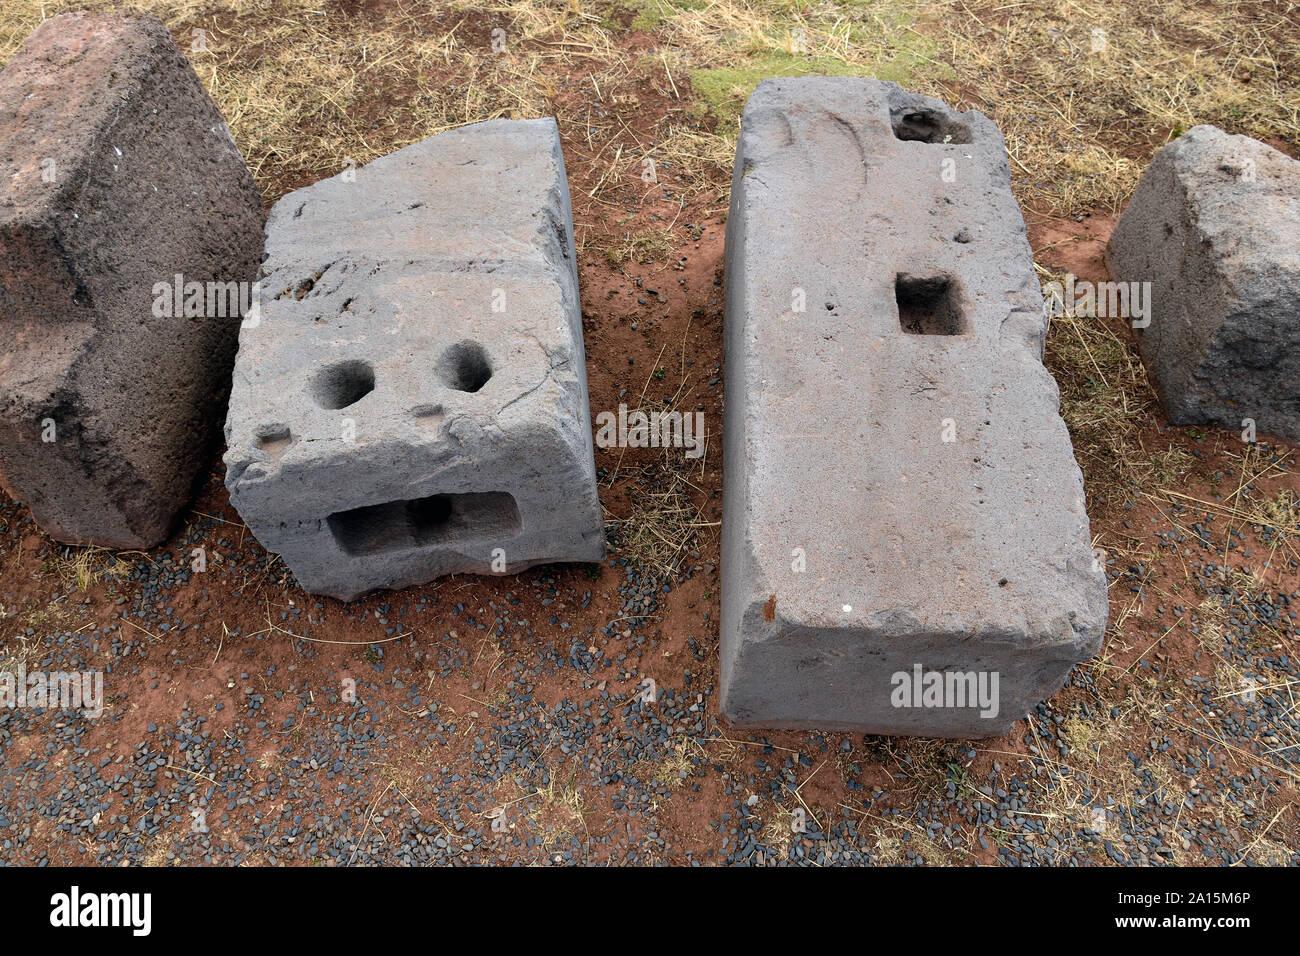 Images puma punku Ignored Archaeological